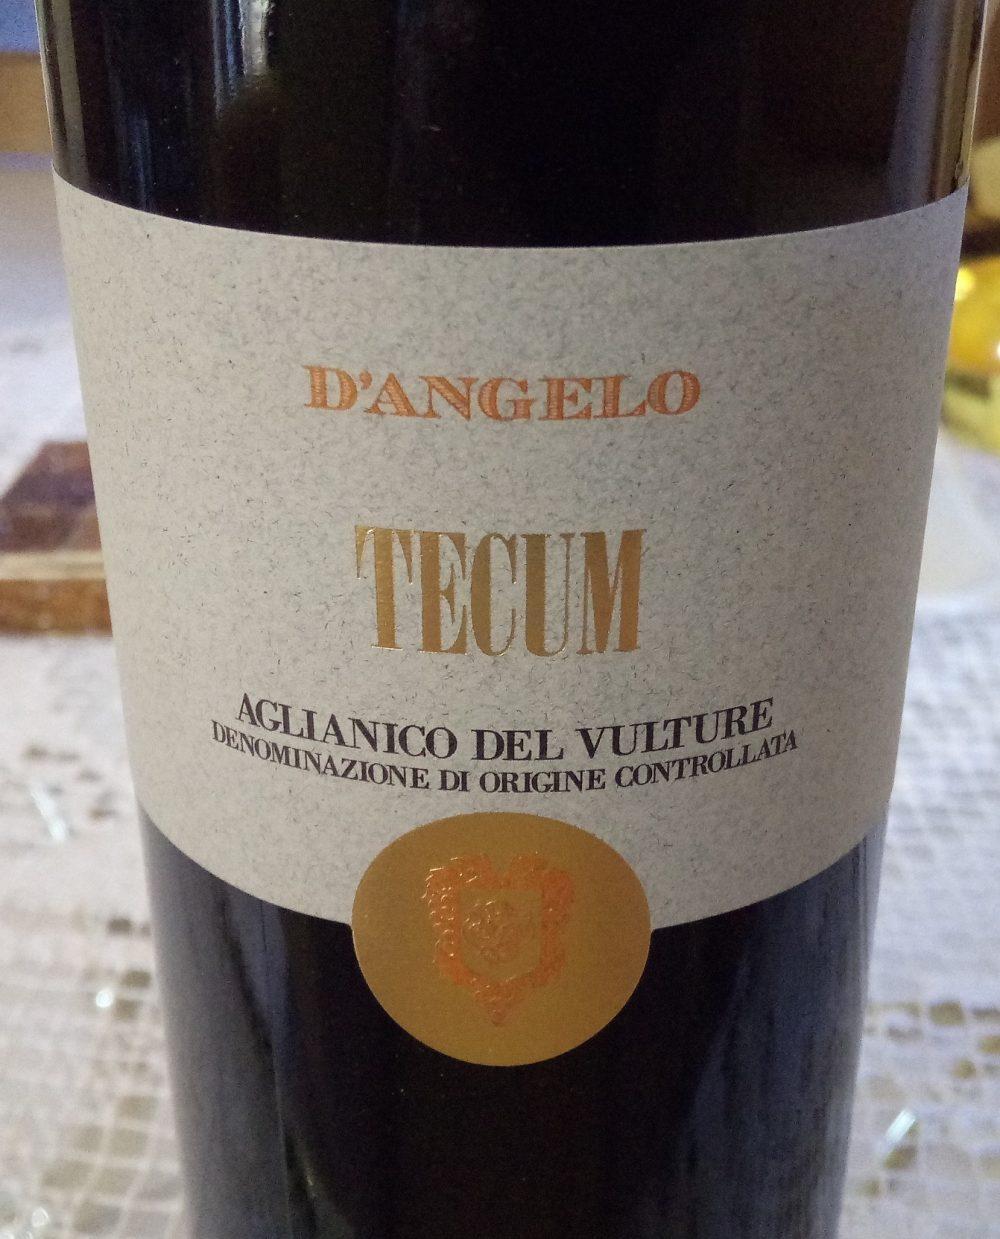 Tecum Aglianico del Vulture Doc 2013 D'Angelo